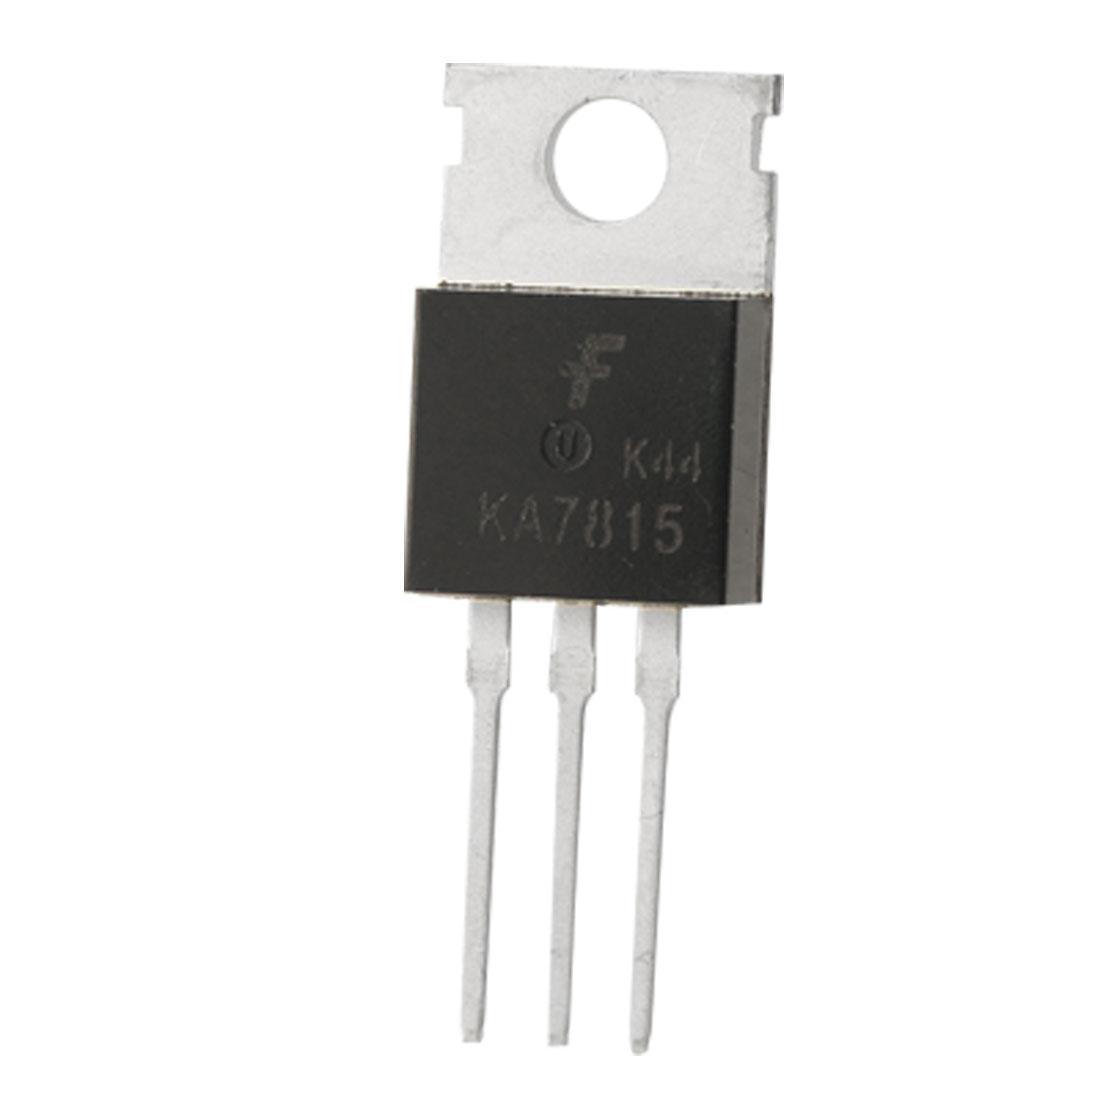 2 Pcs KA7815 1A 15V 3 Terminals Positive Voltage Regulators